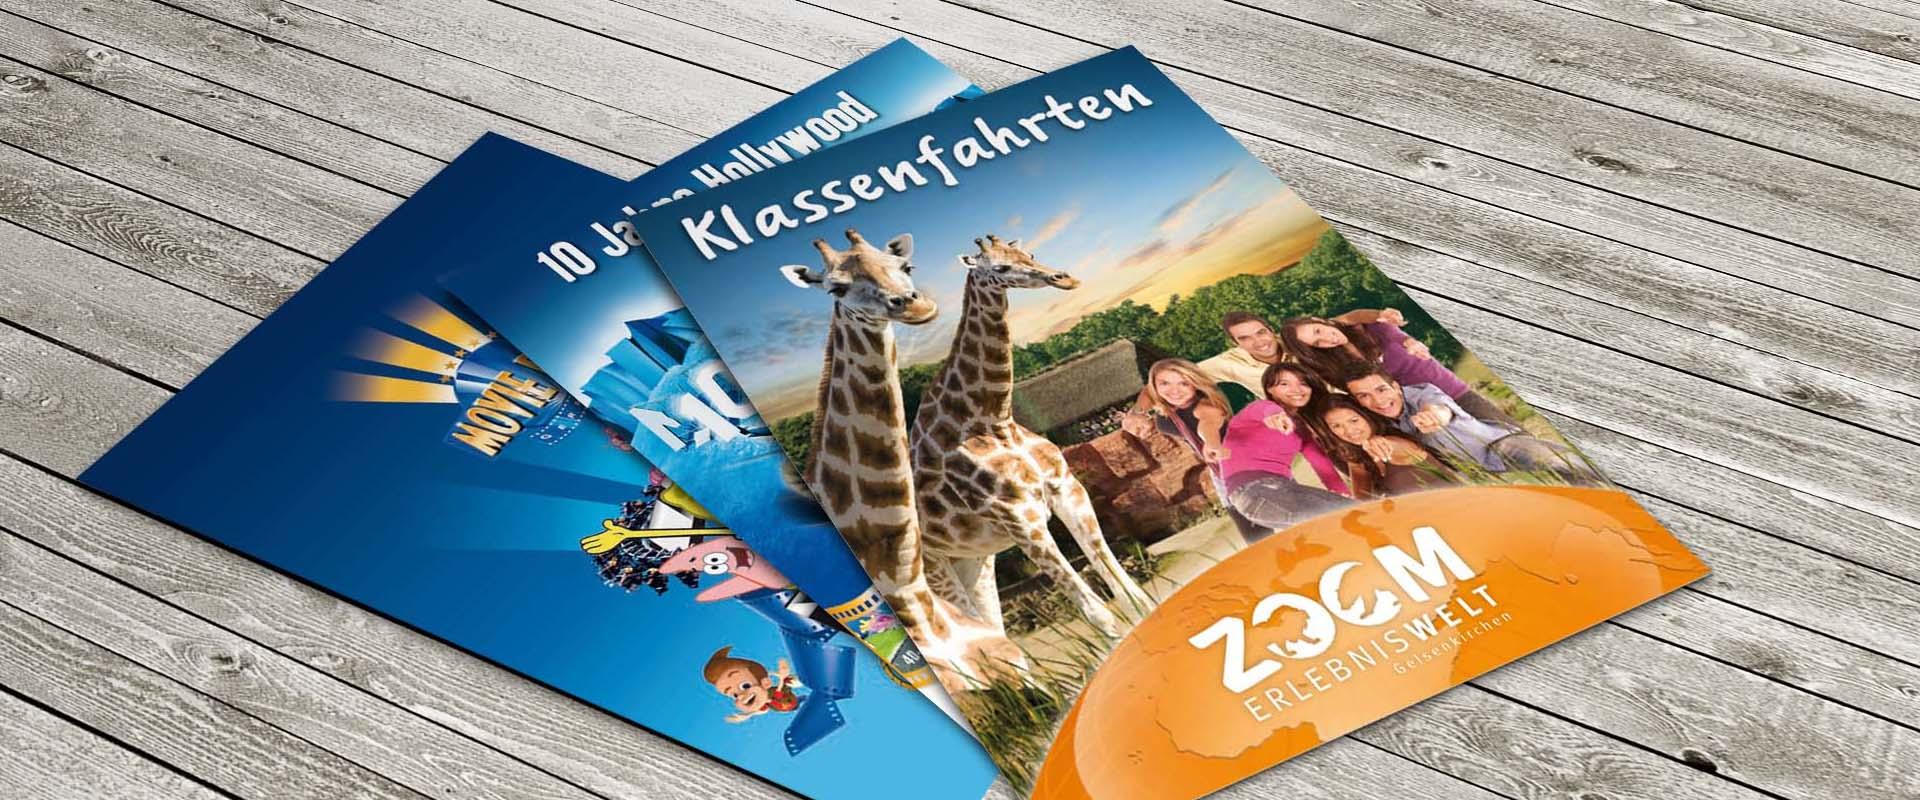 Broschüren für den Movie Parke und die ZOOM Erlebniswelt Gelsenkirchen